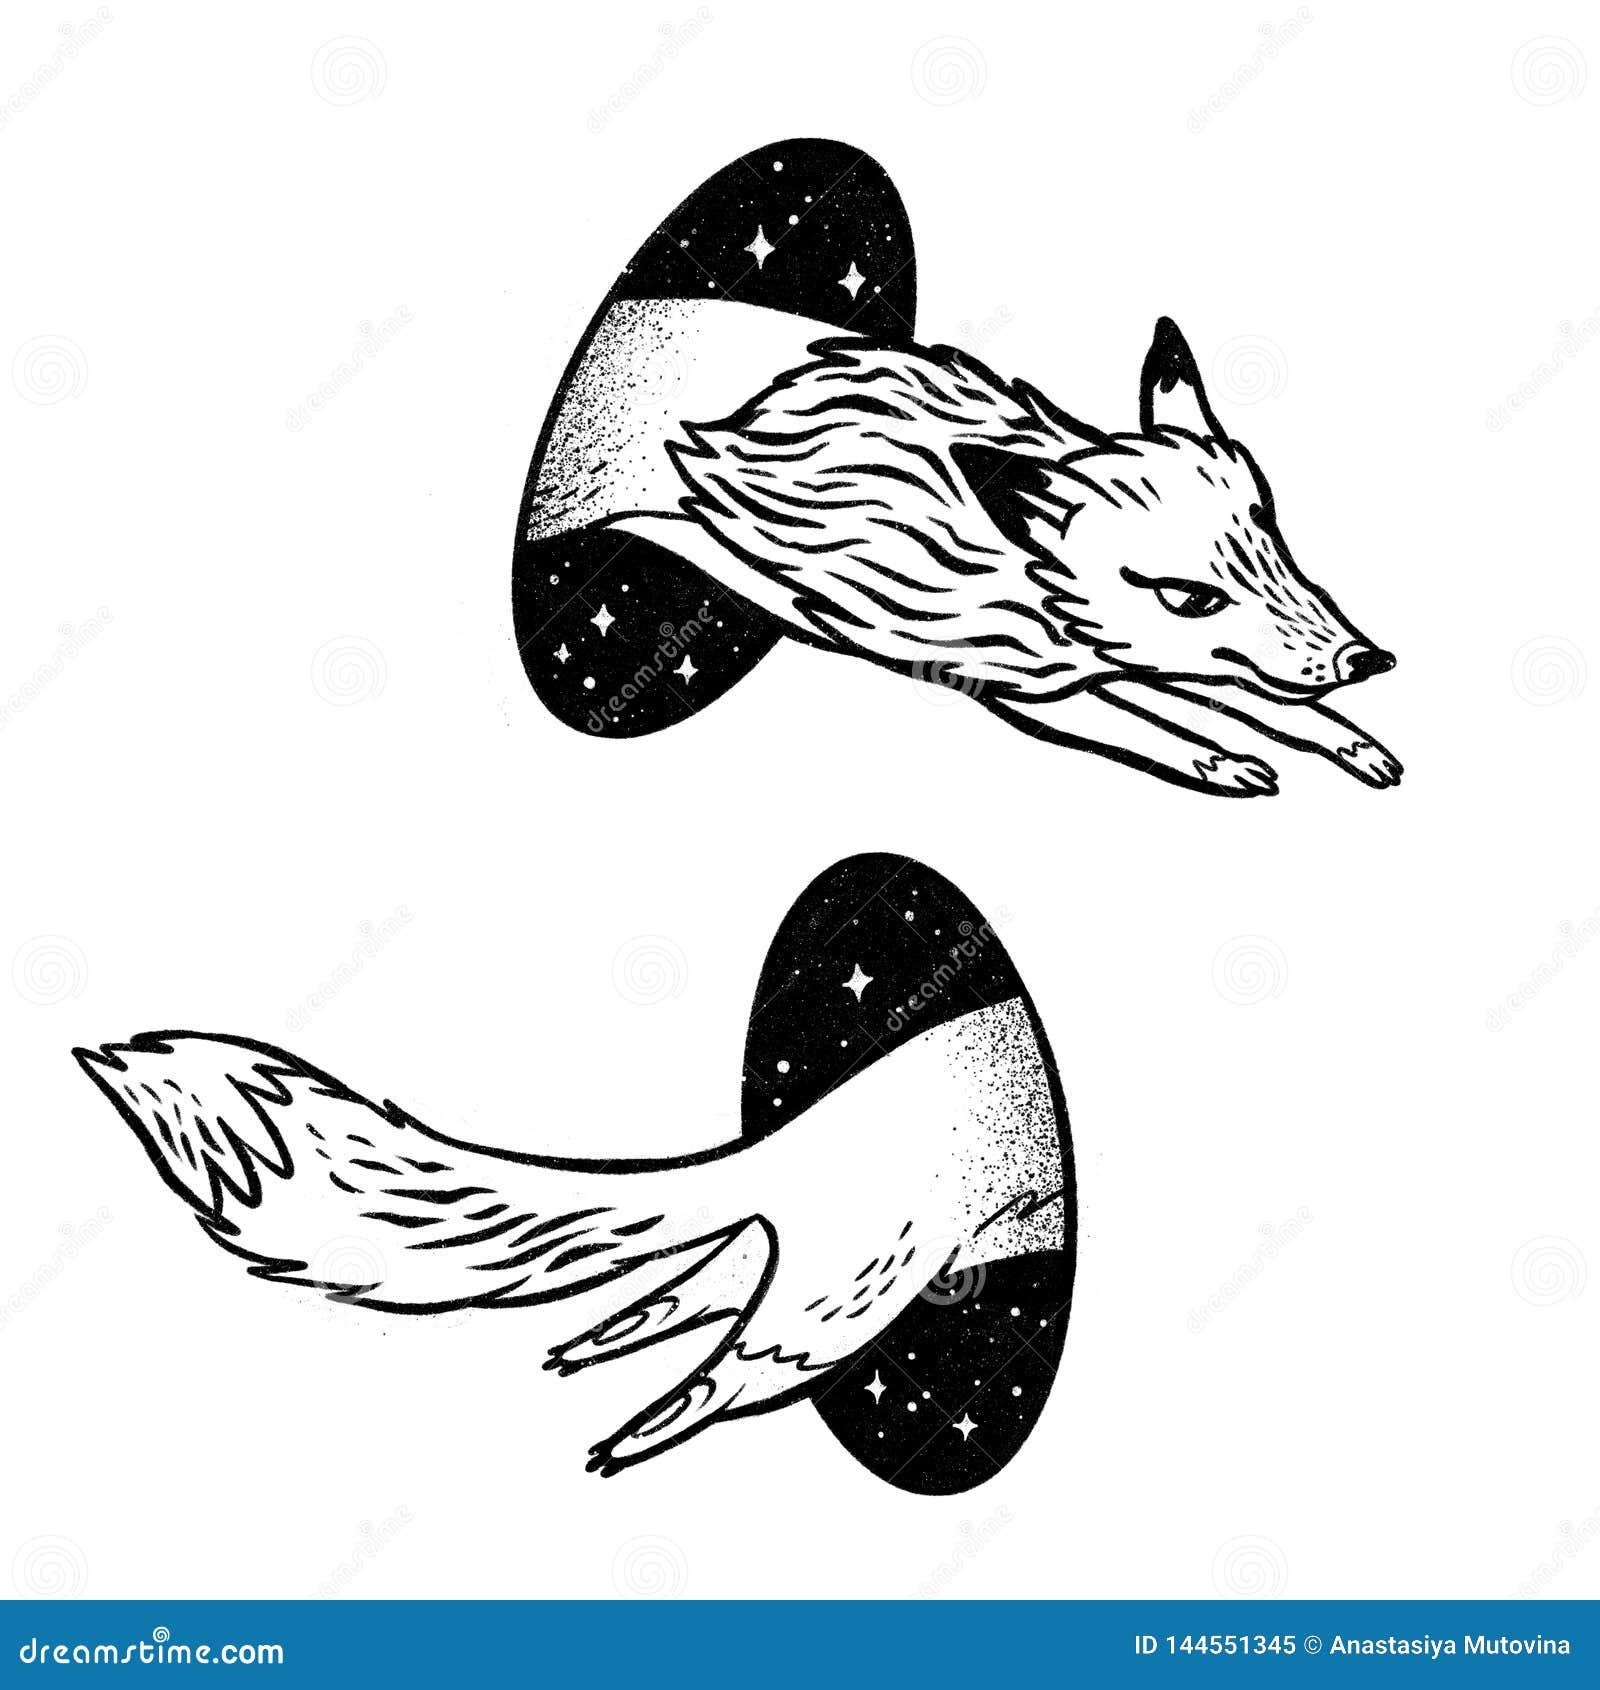 Le Fox Dans La Magie Deplacent Par Telepathie Dessin Noir Et Blanc